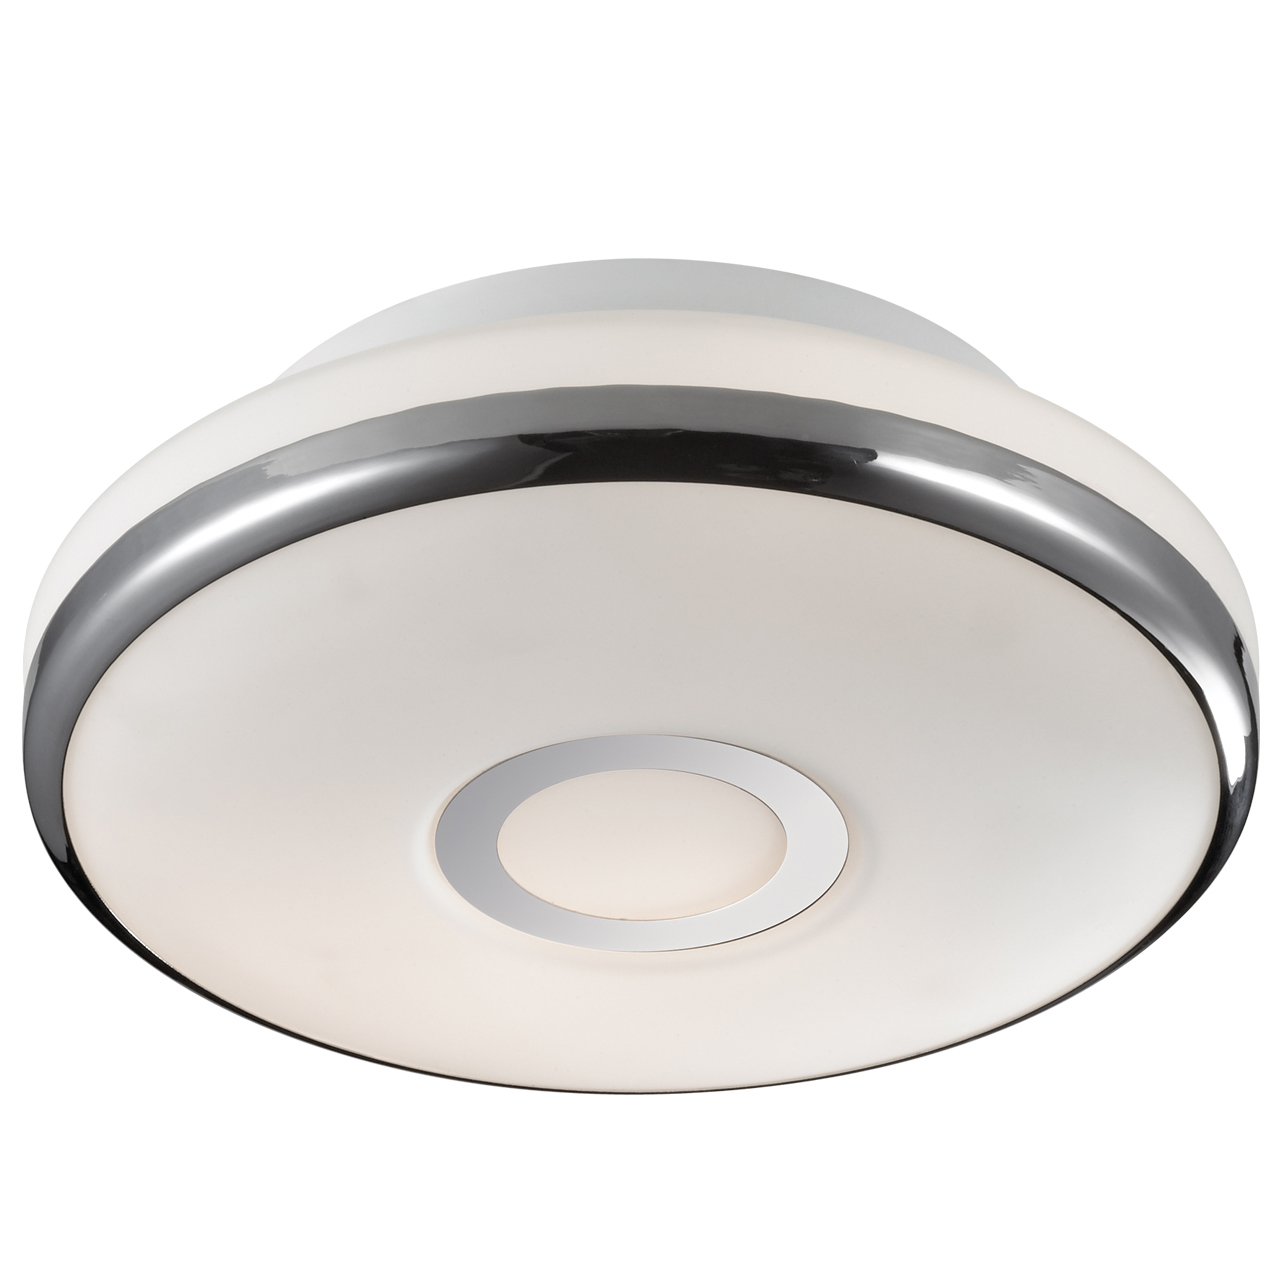 цена на Светильник настенно-потолочный Odeon light 2401/3c